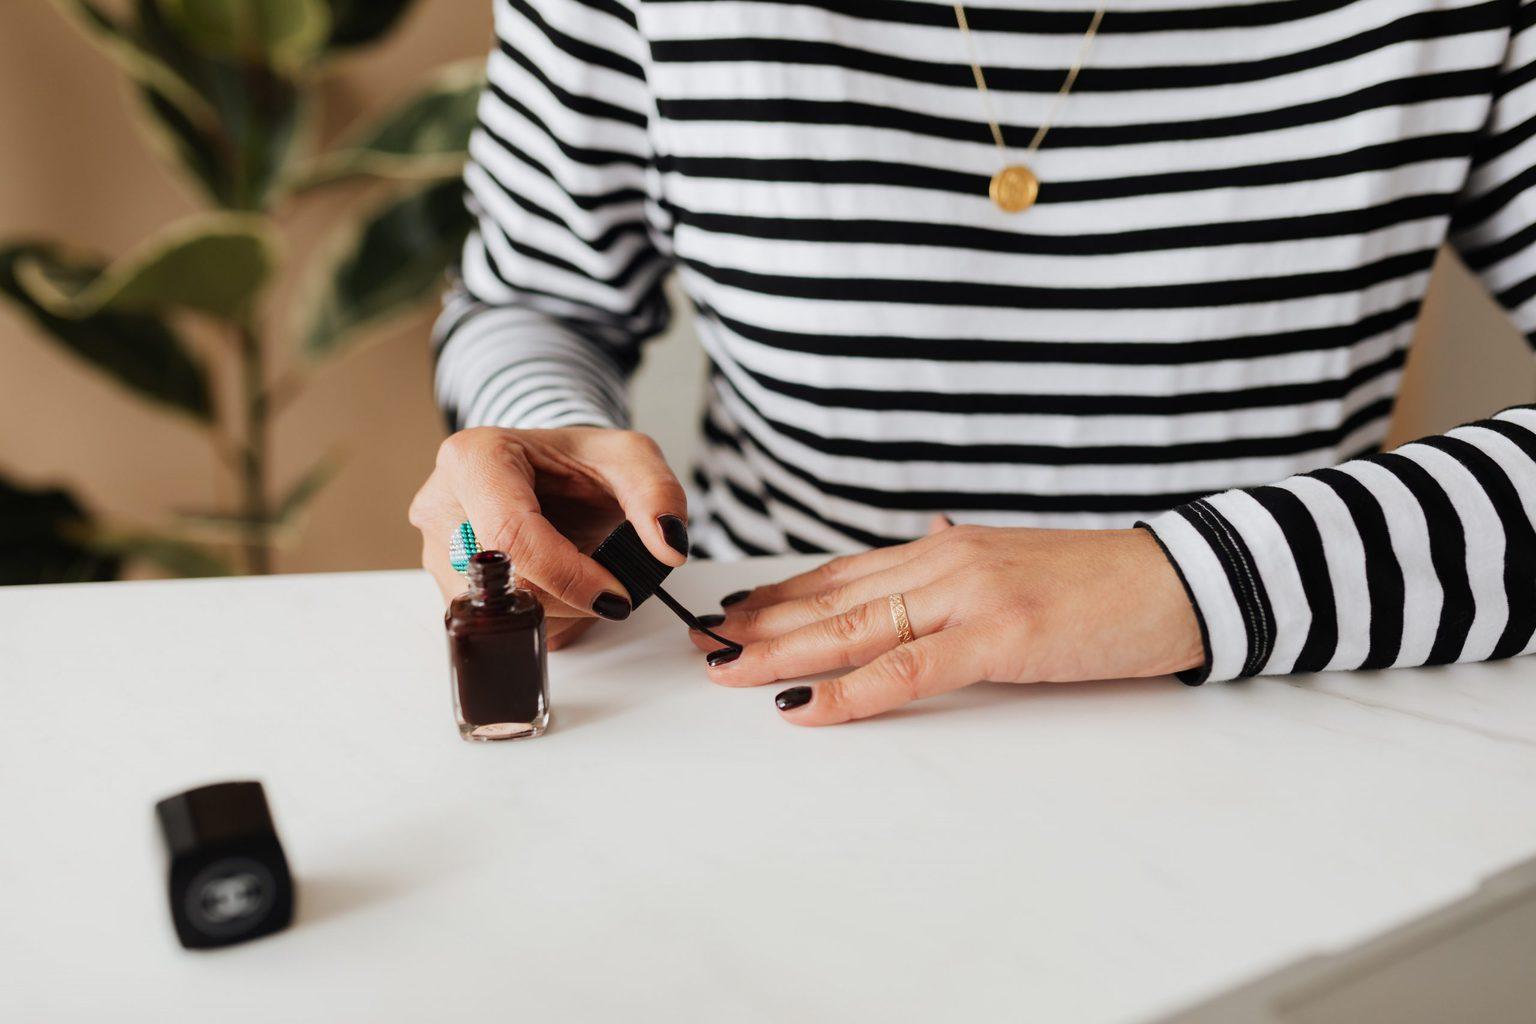 woman in striped shirt puts on black nail polish for an at home manicure from Karolina Grabowska at Pexels